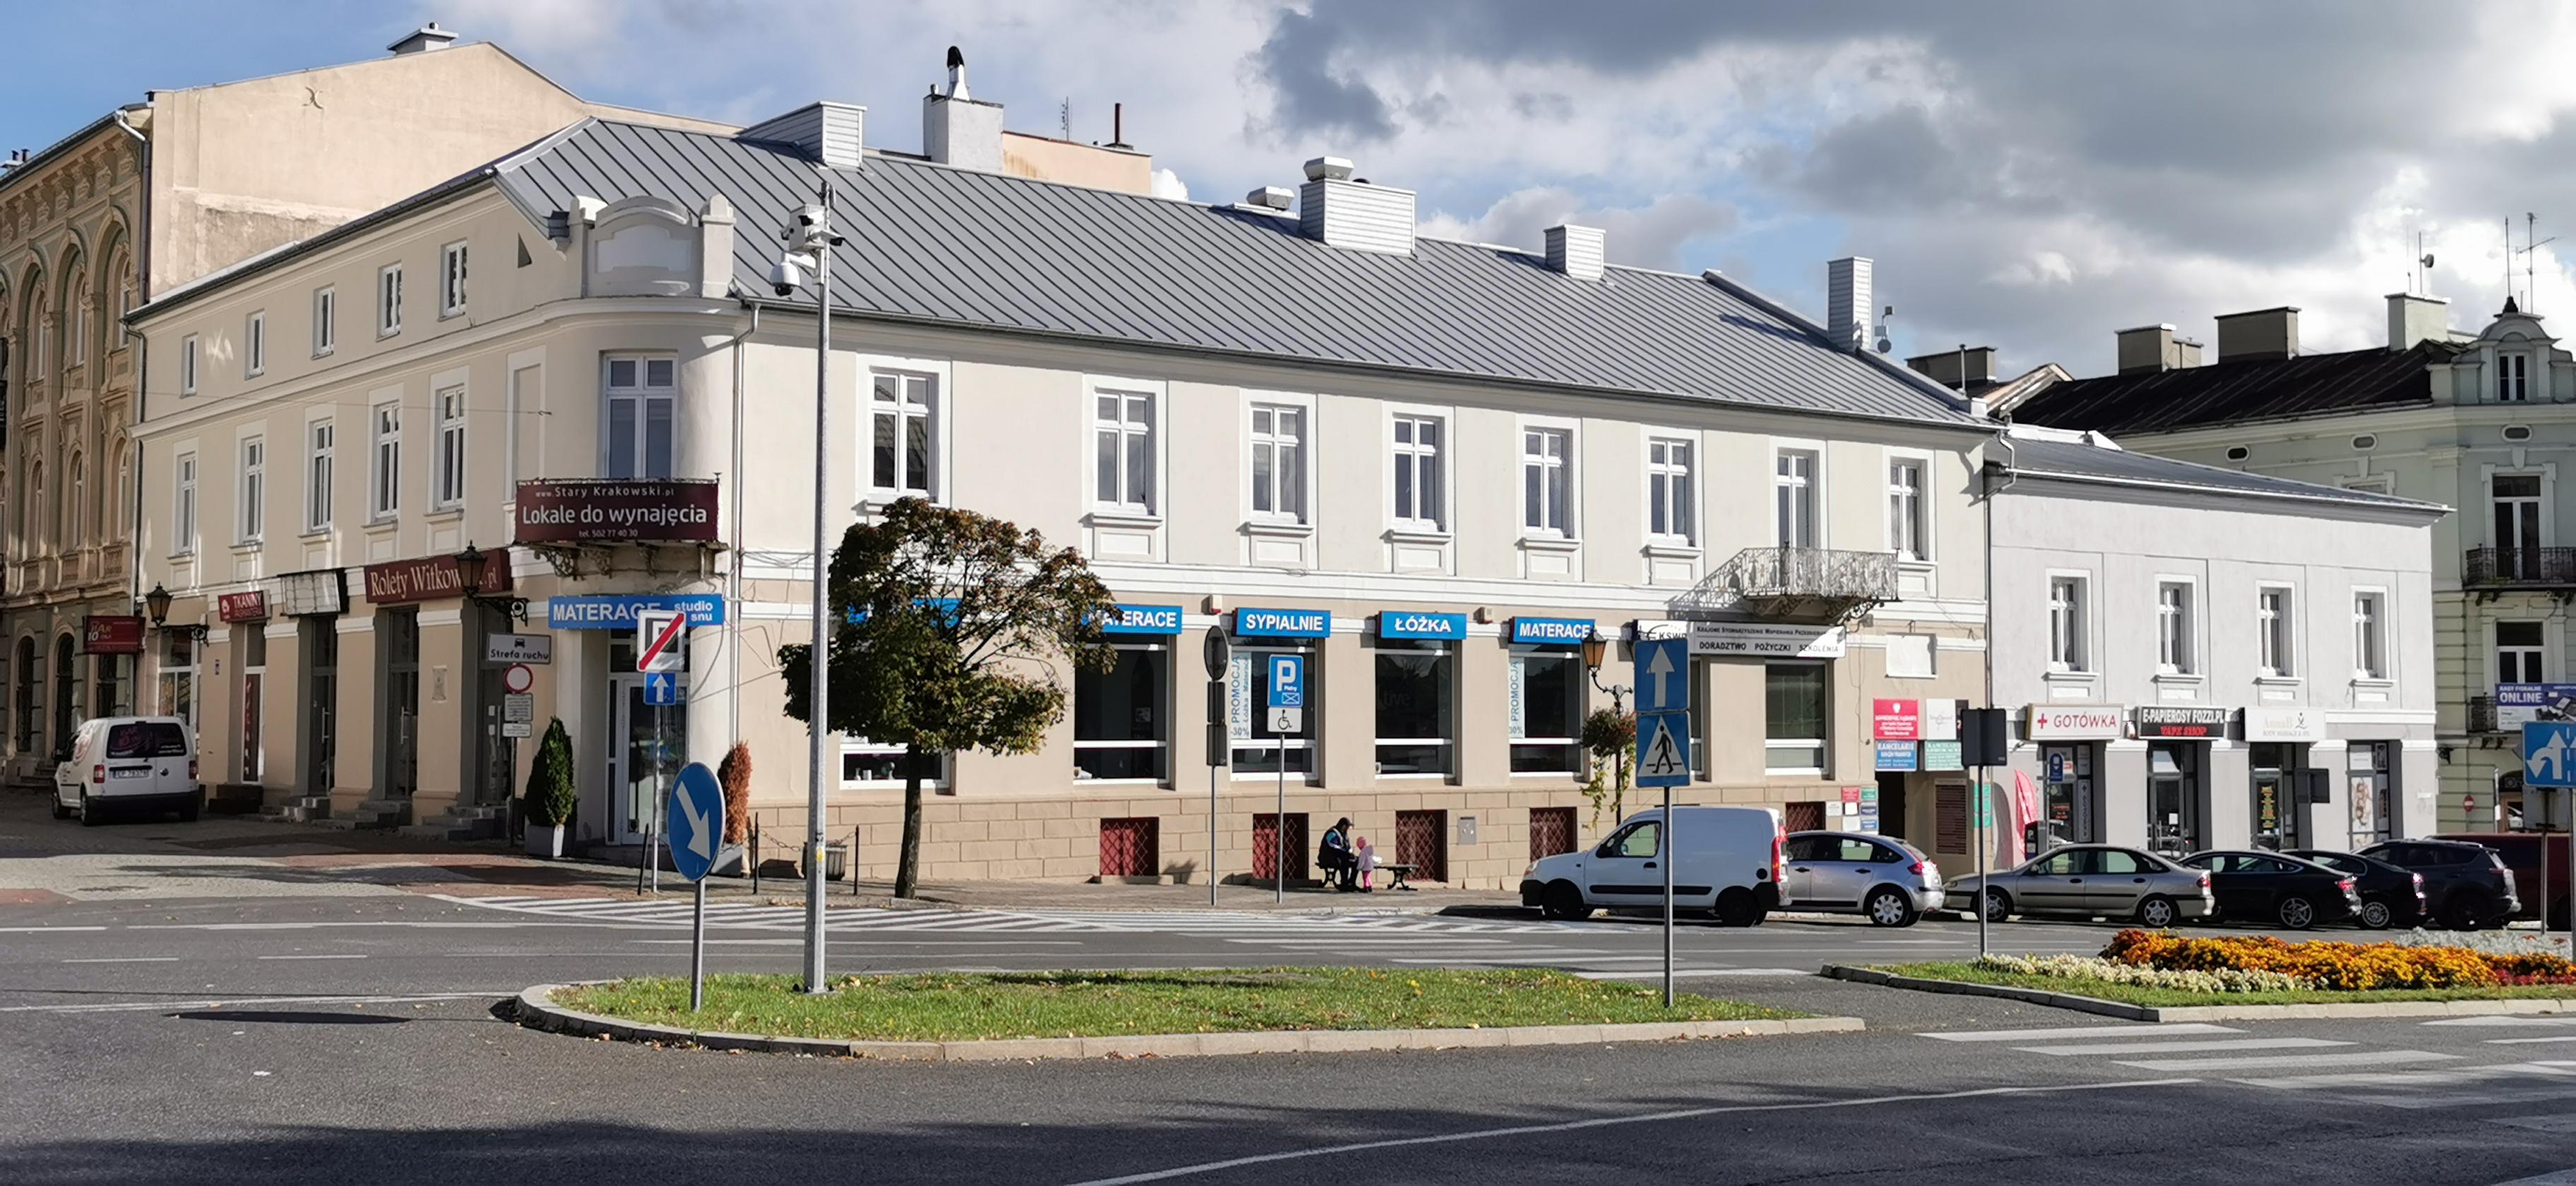 lokale do wynajęcia, Piotrków Trybunalski, tel. 502 77 40 30